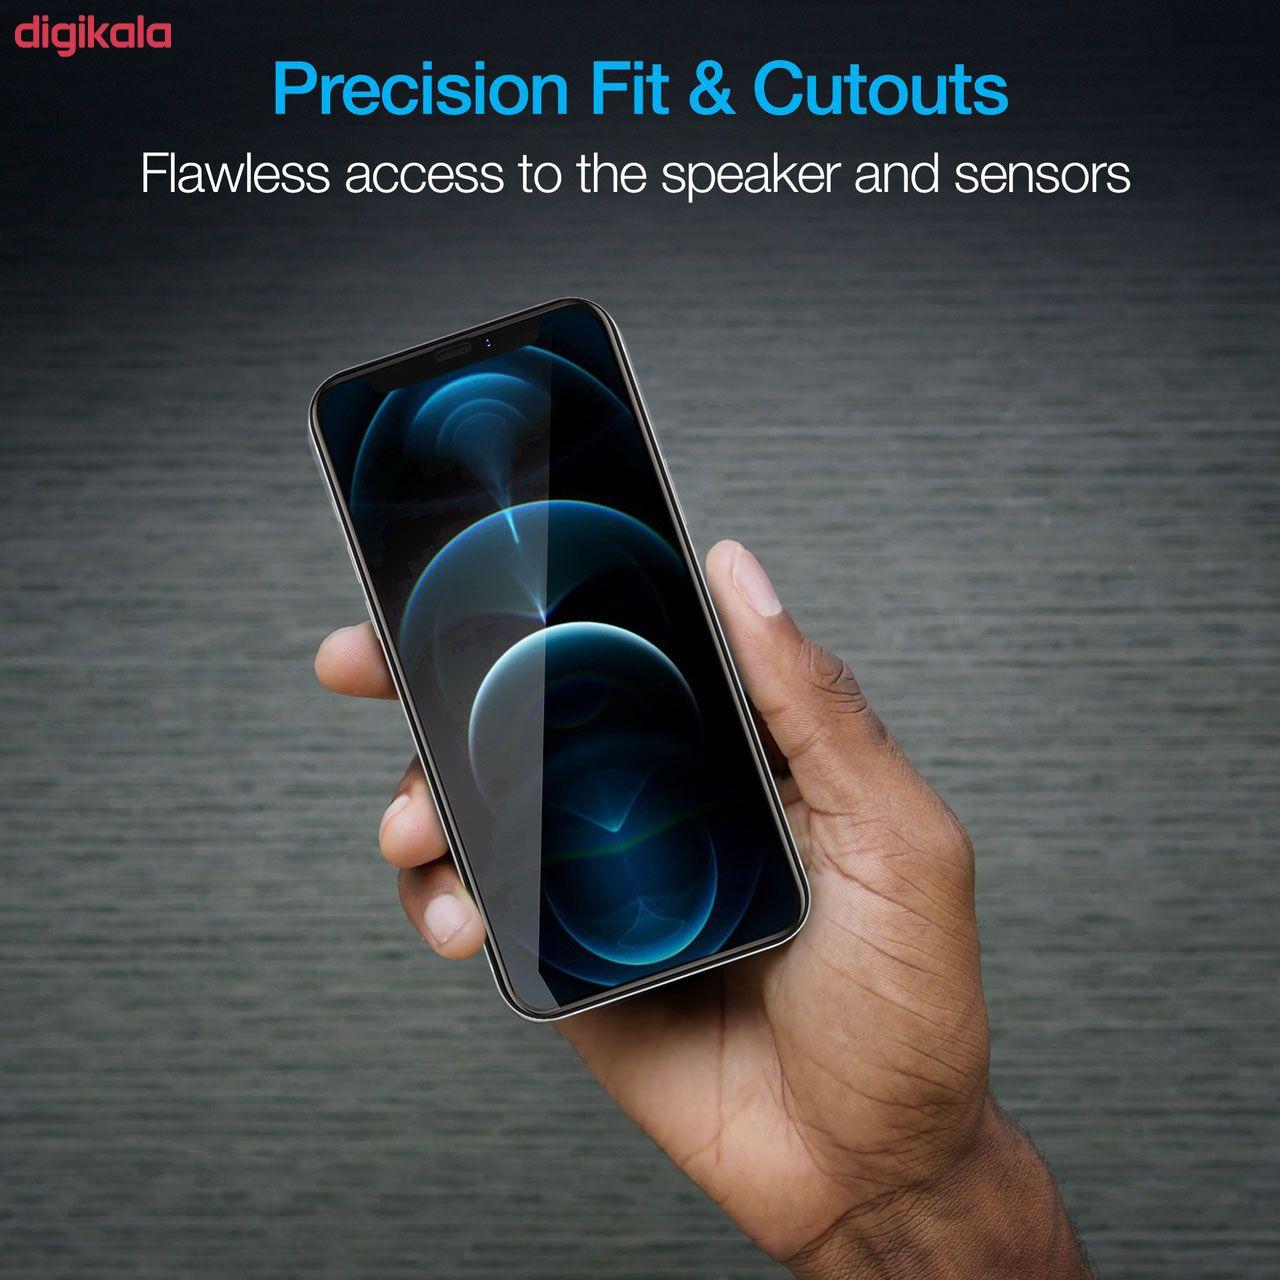 محافظ صفحه نمایش مدل FCG مناسب برای گوشی موبایل اپل iPhone 12 Pro بسته دو عددی main 1 16